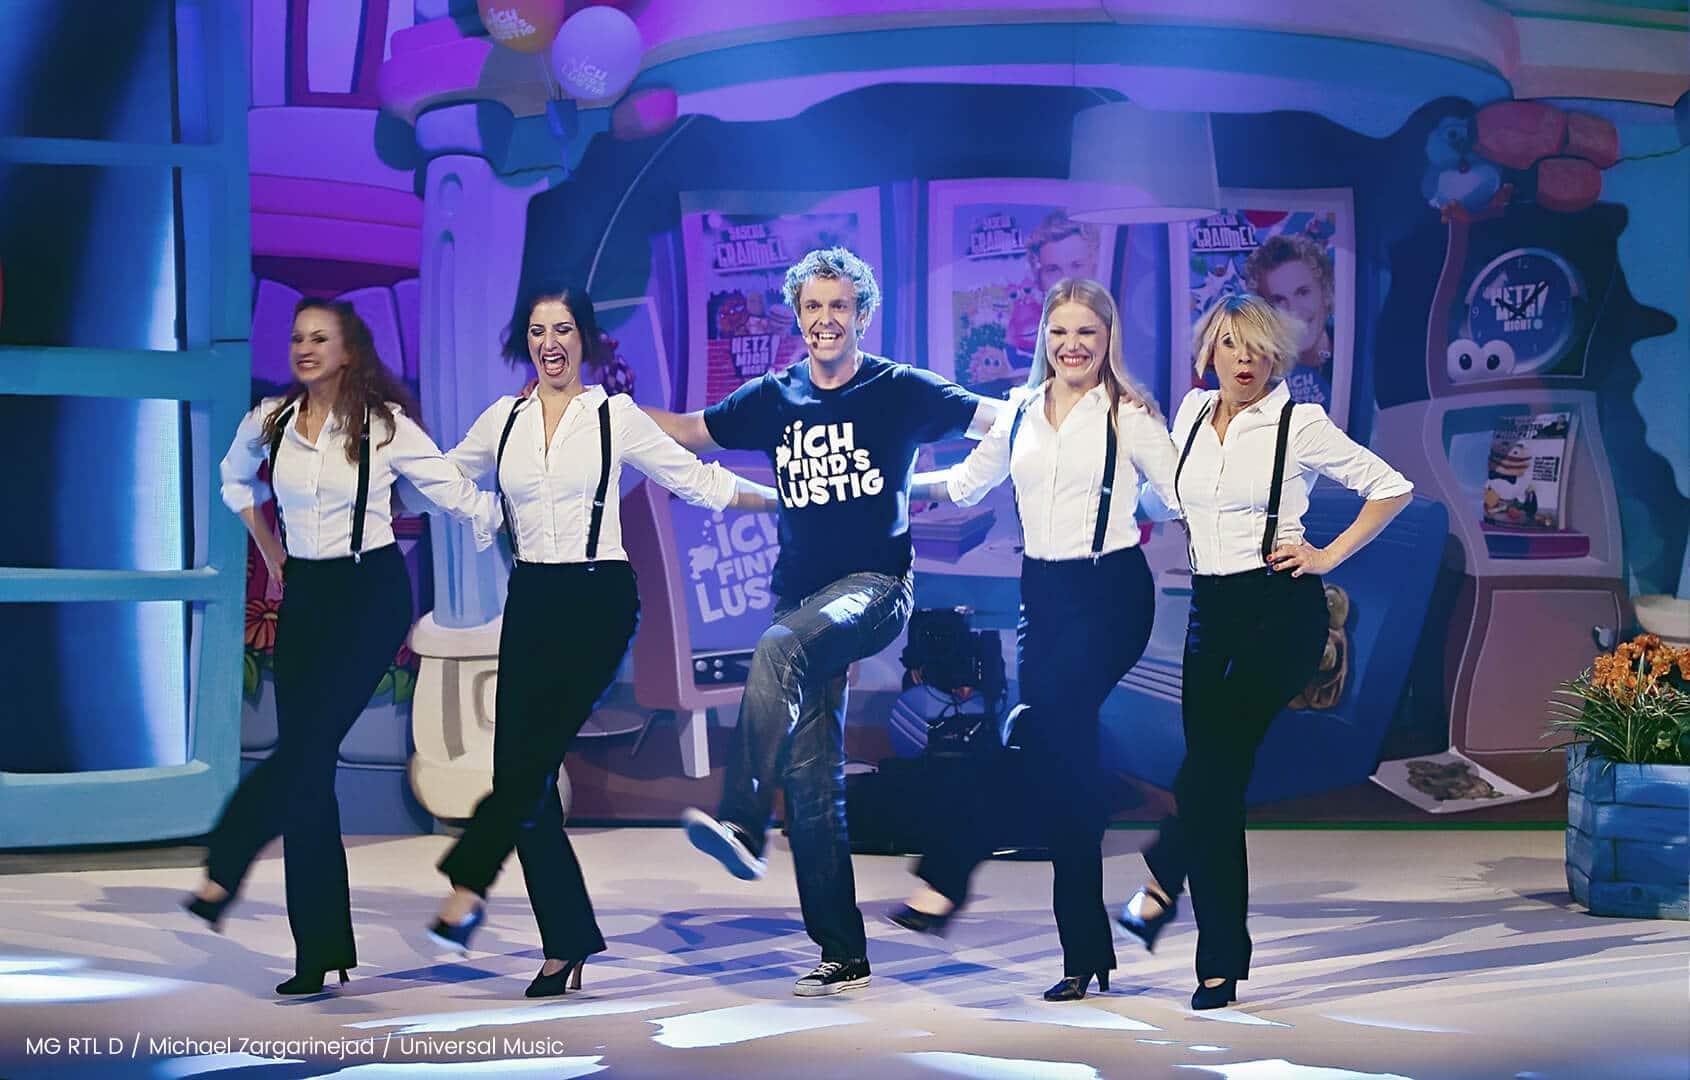 MG RTL D / Michael Zargarinejad / Universal Music